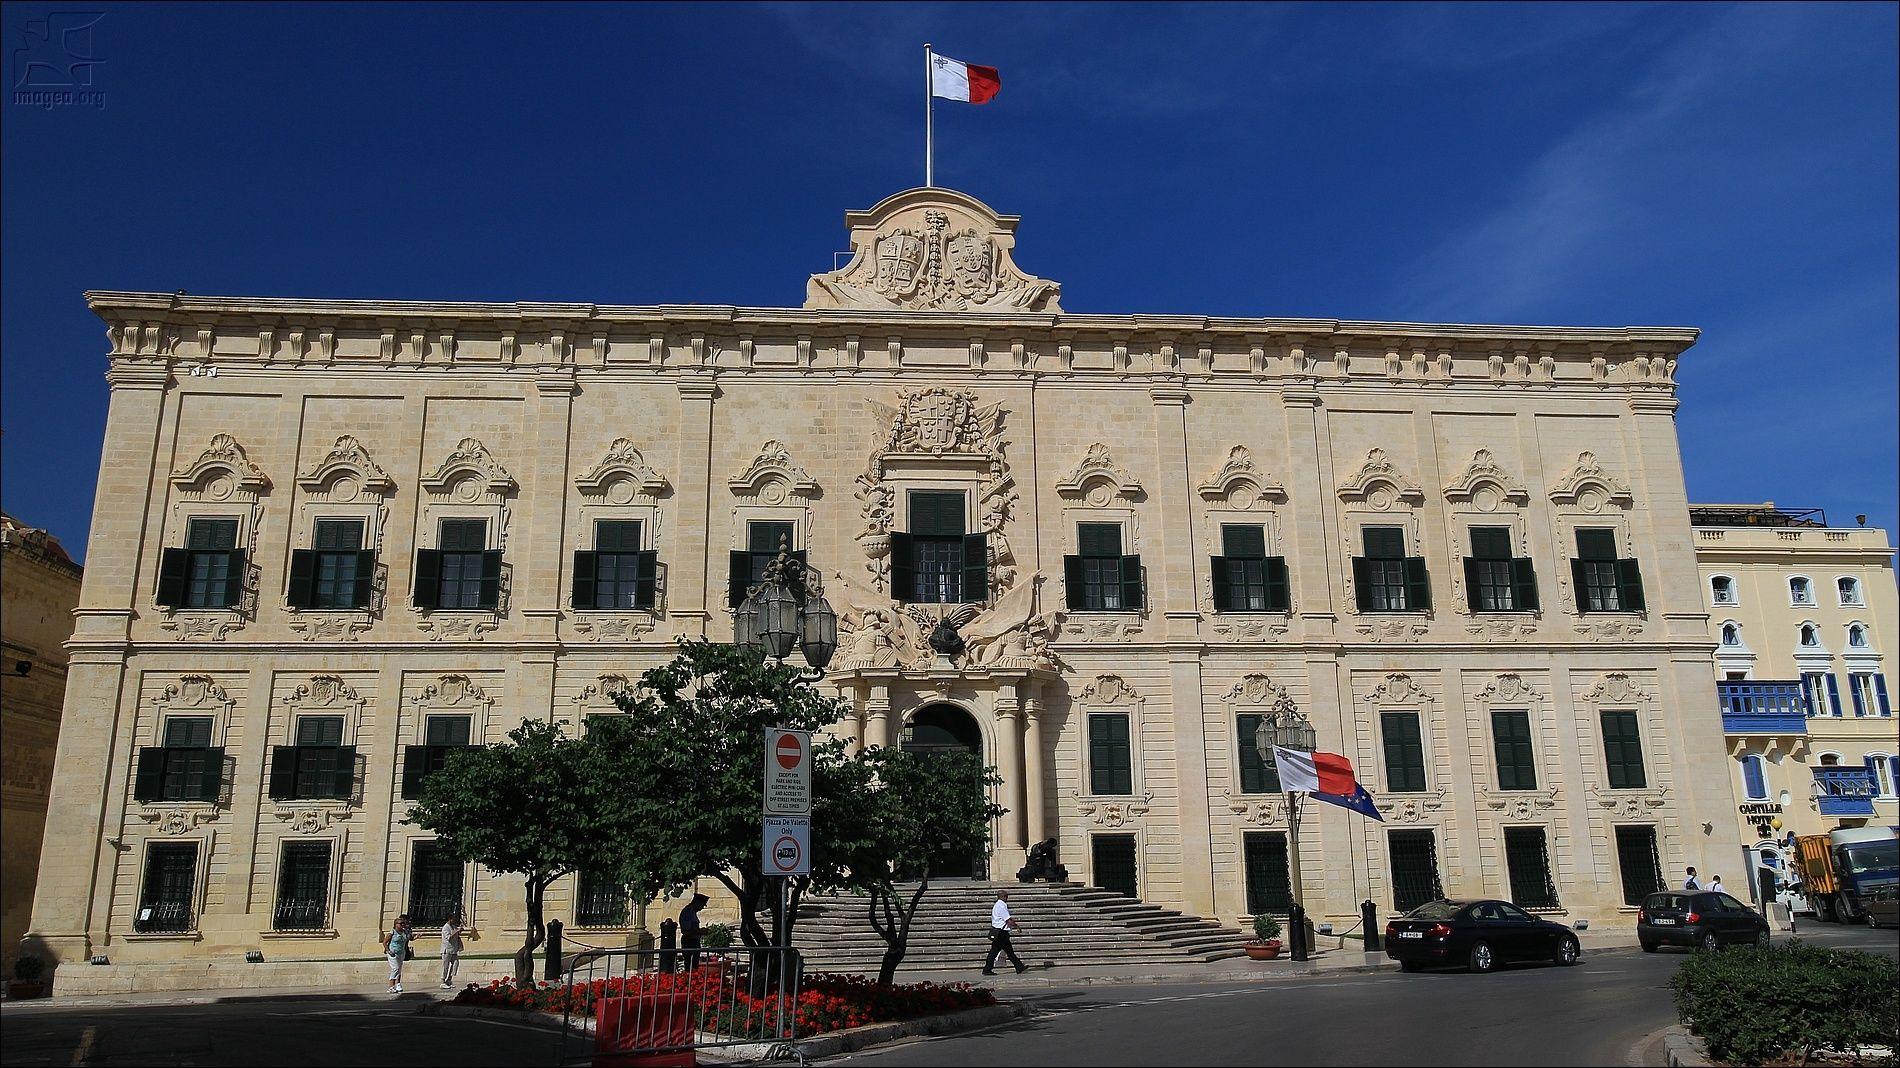 Auberge De Castille - Valletta Malta Island